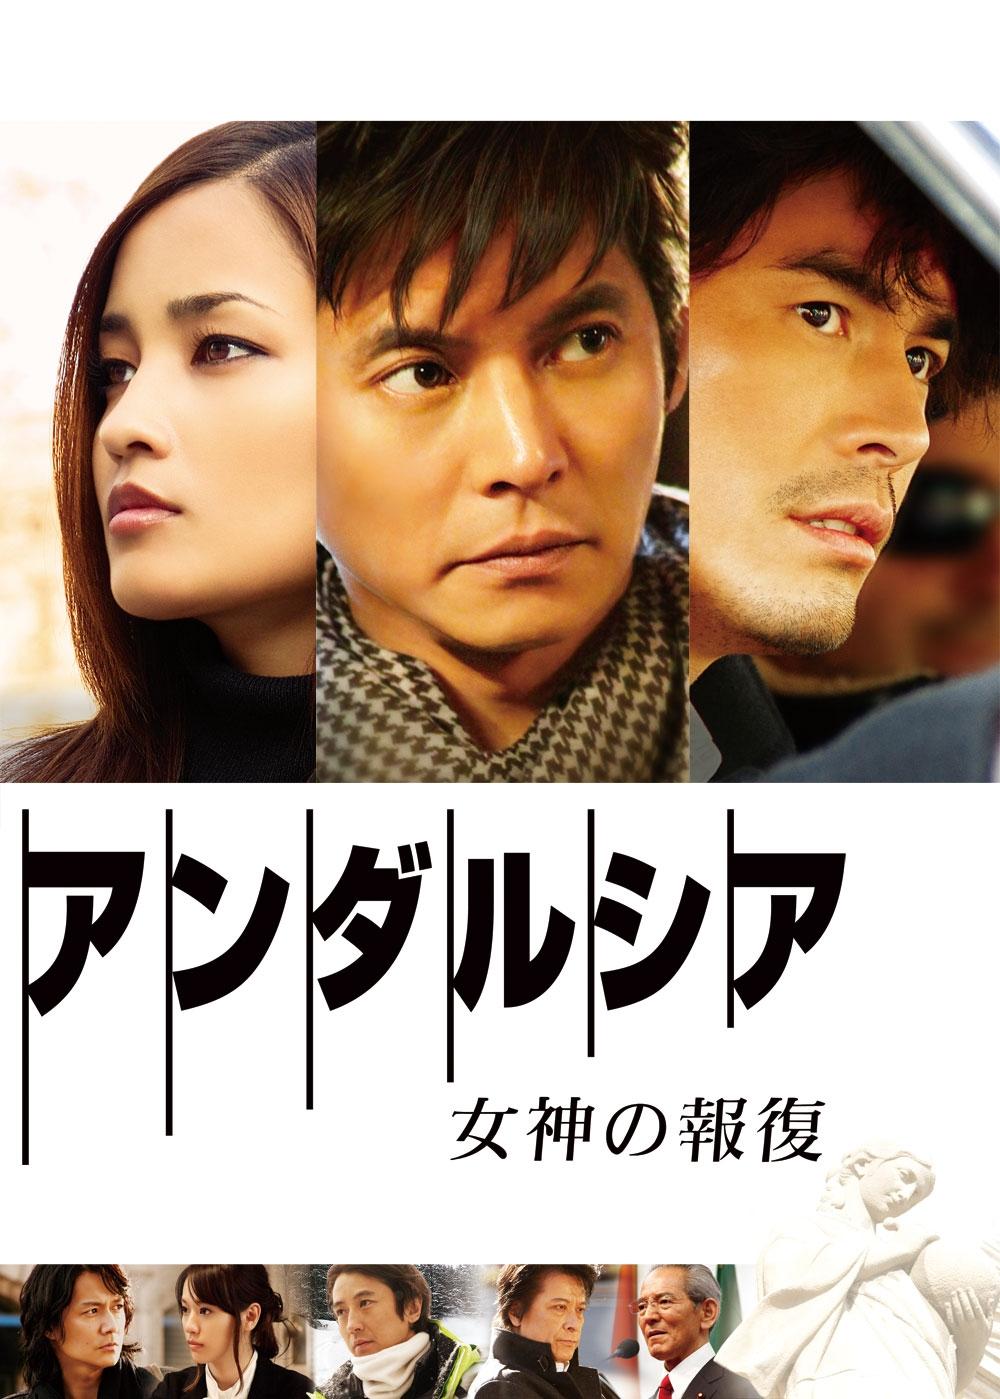 織田裕二主演、大ヒットシリーズ最新作がスマホで見れる!『アンダルシア 女神の報復』